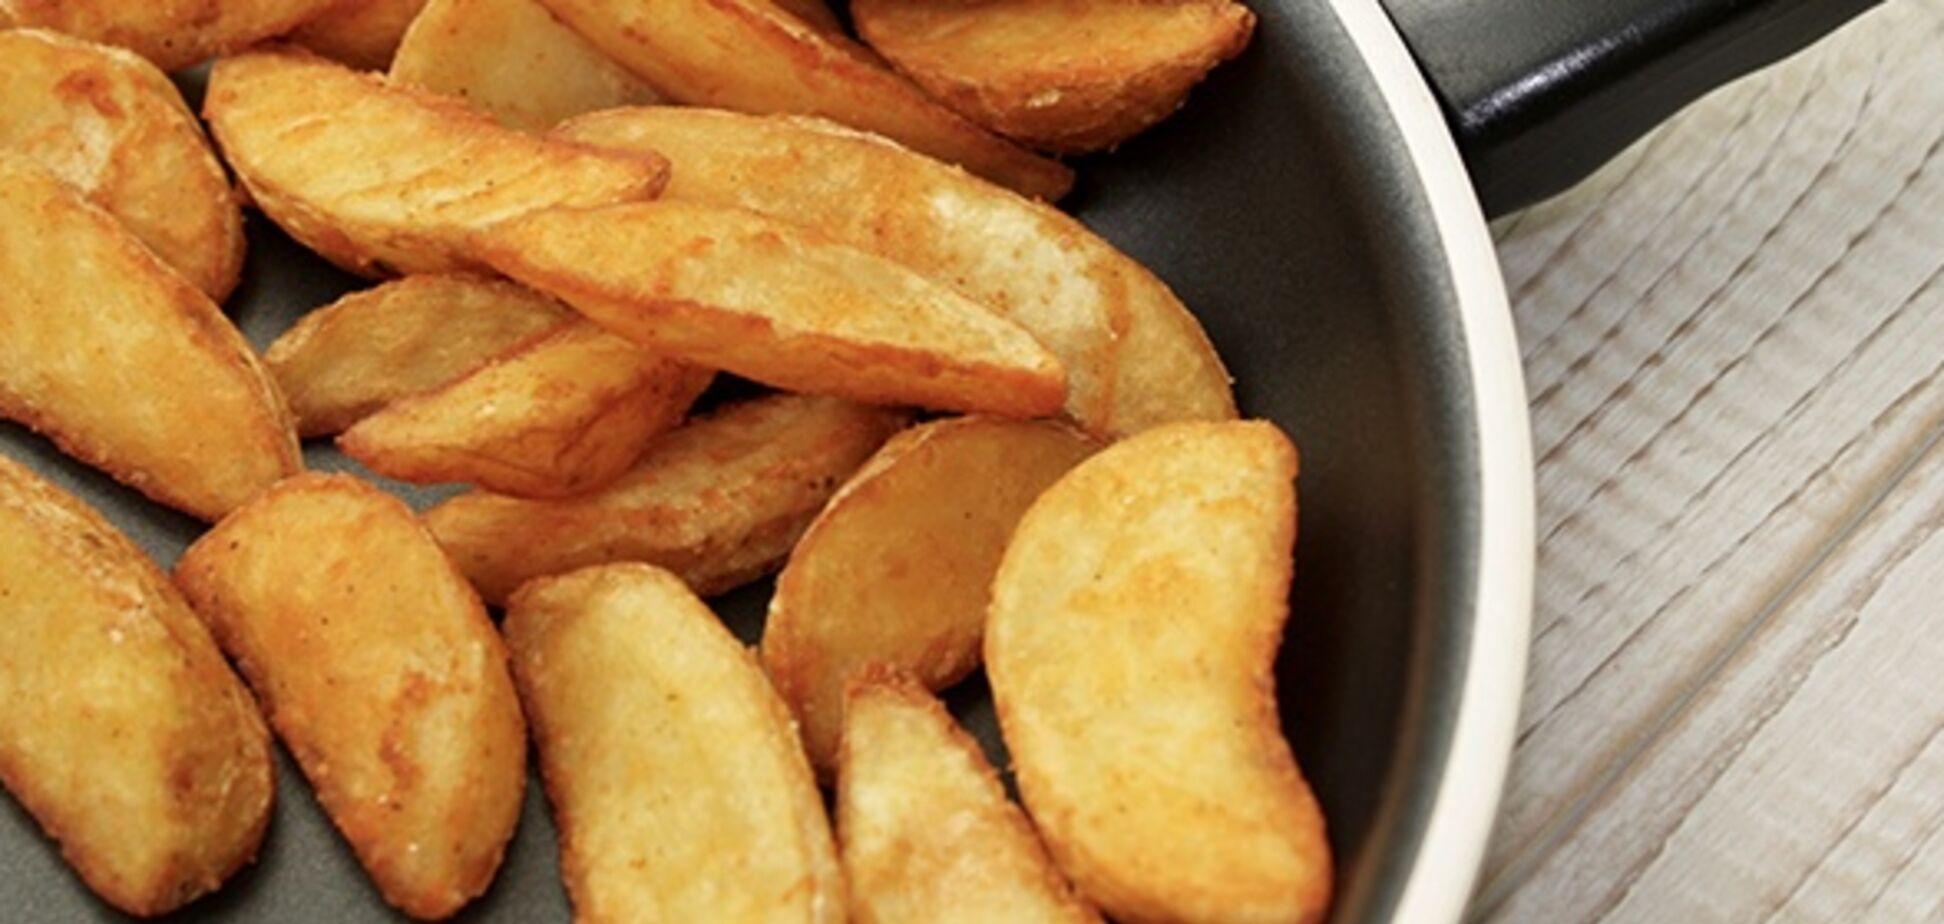 Дієтологи назвали найкорисніший спосіб приготування картоплі